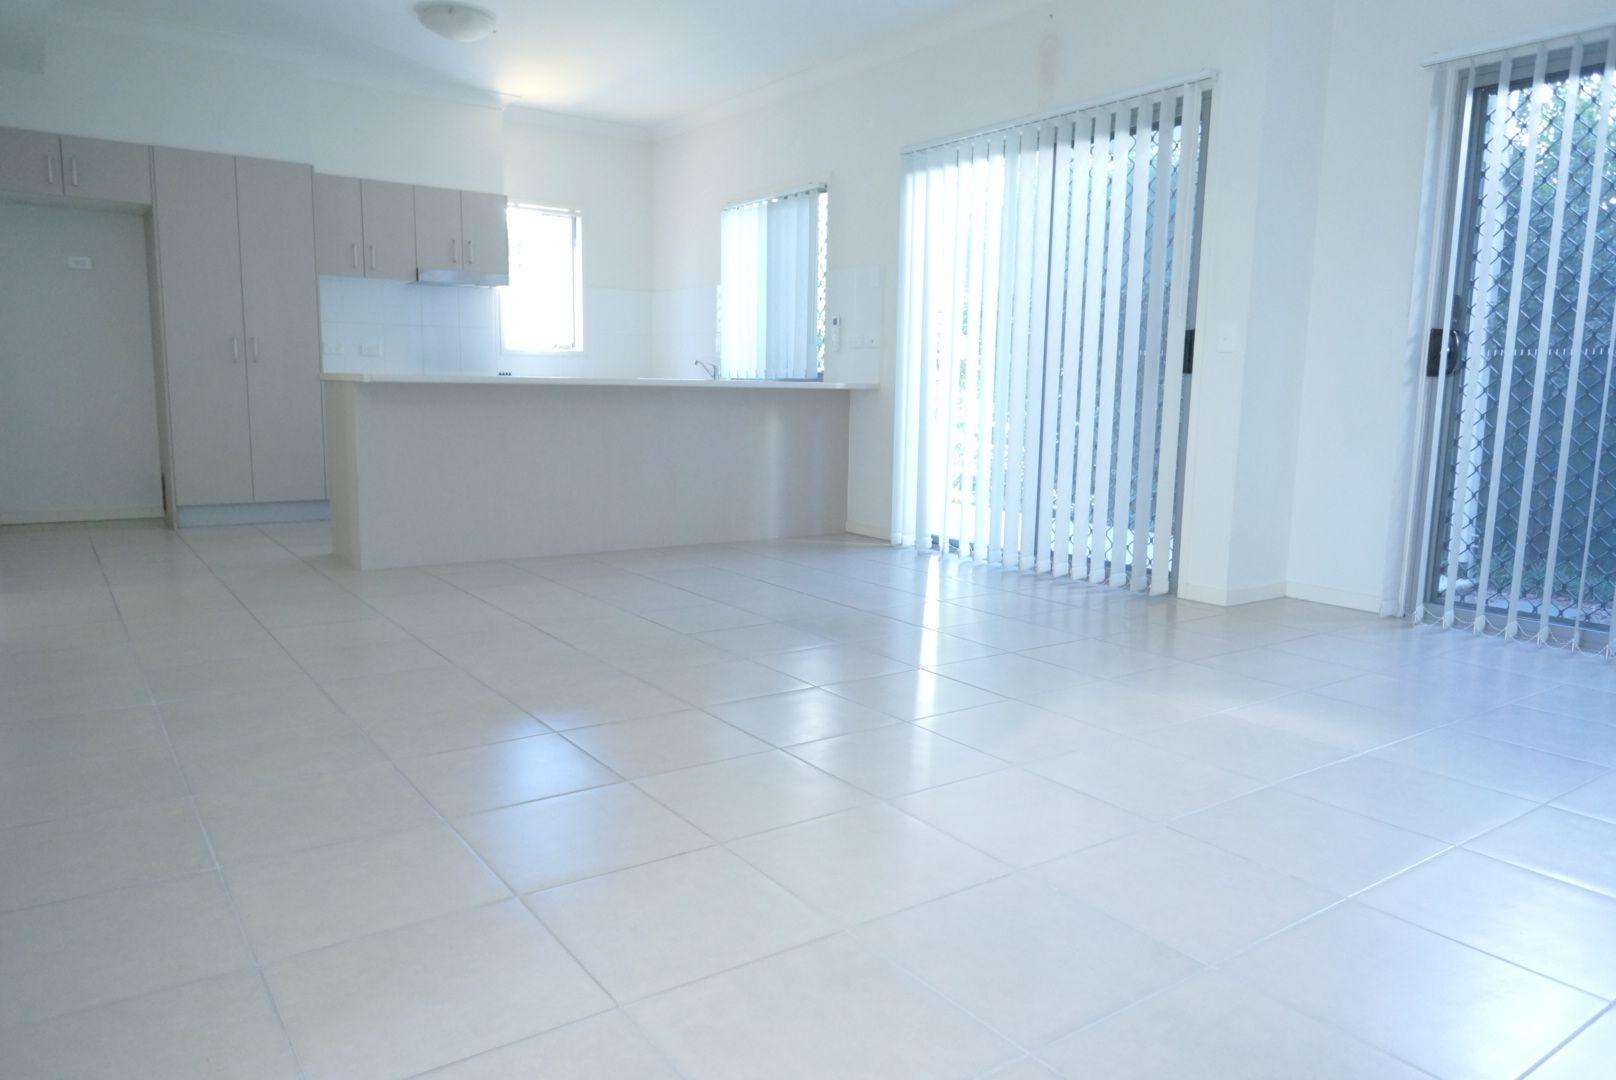 7/127 Duffield road, Kallangur QLD 4503, Image 2